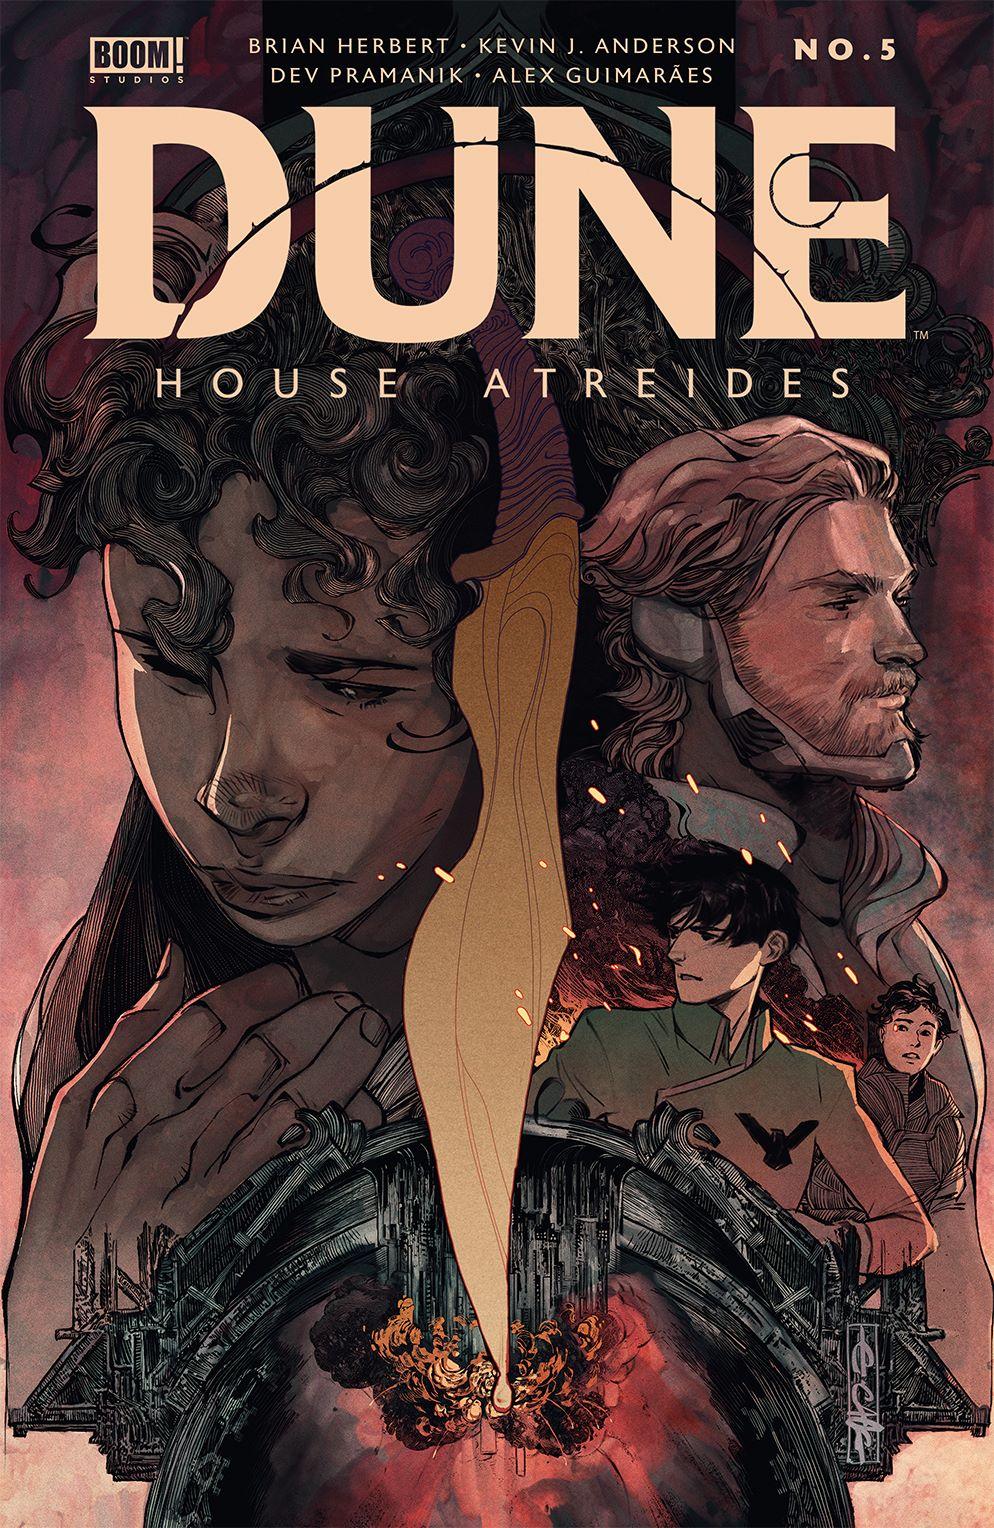 Dune_HouseAtreides_005_Cover_A_Main ComicList Previews: DUNE HOUSE ATREIDES #5 (OF 12)